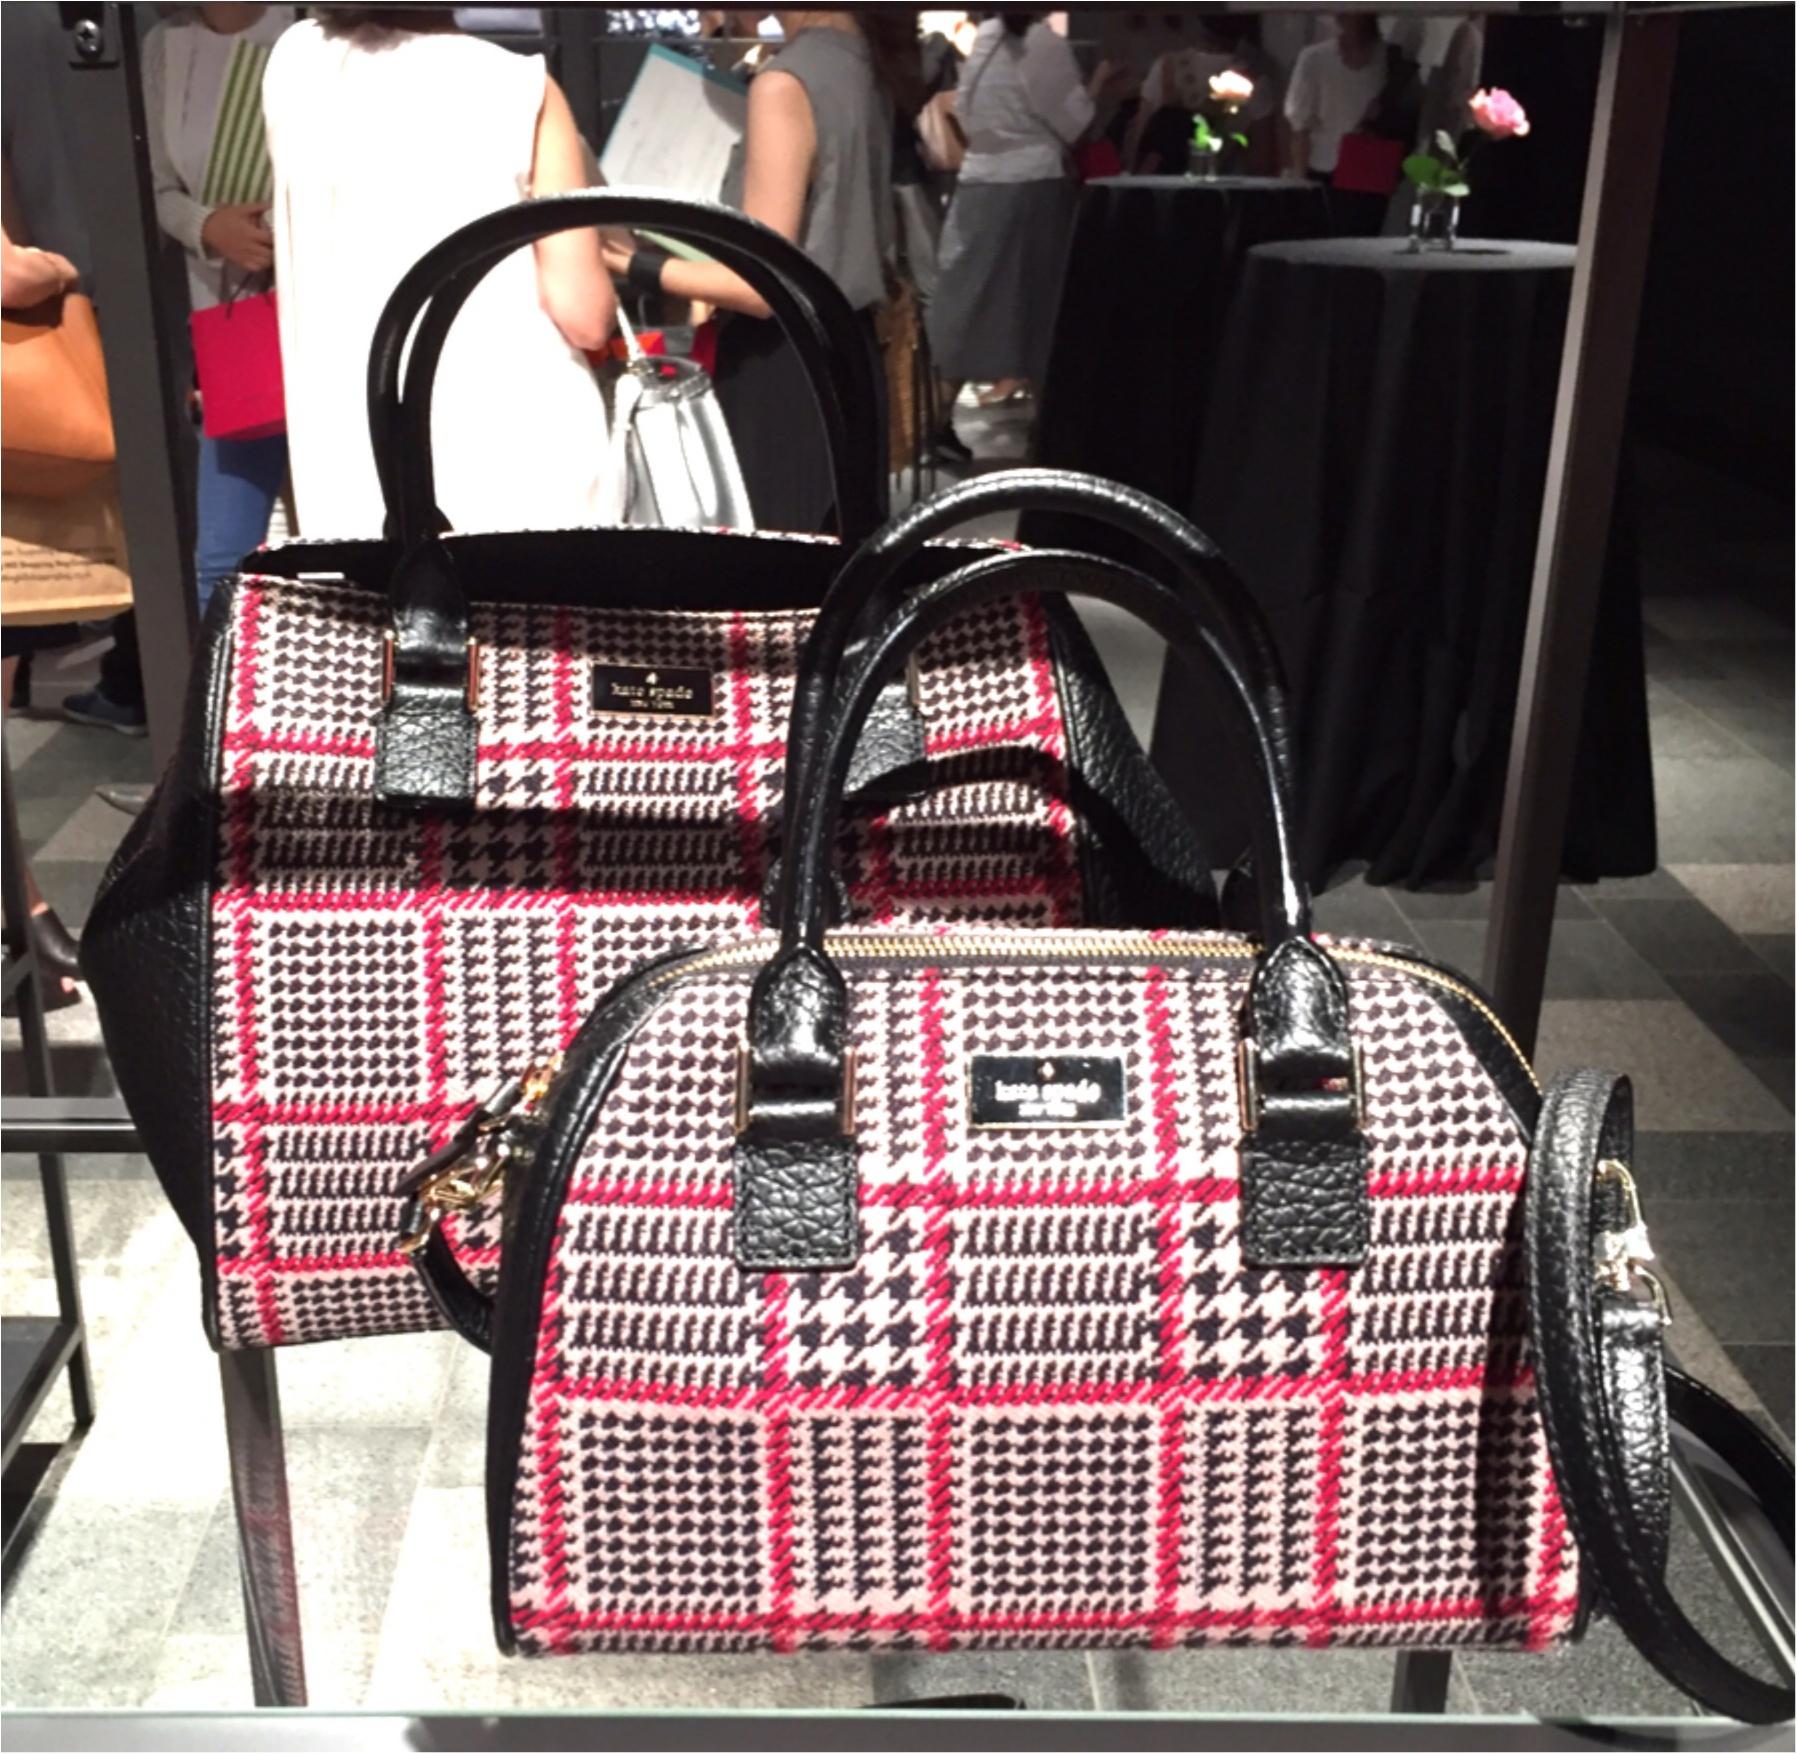 ケイト・スペード ニューヨーク、秋のバッグはどれを選ぶ?_4